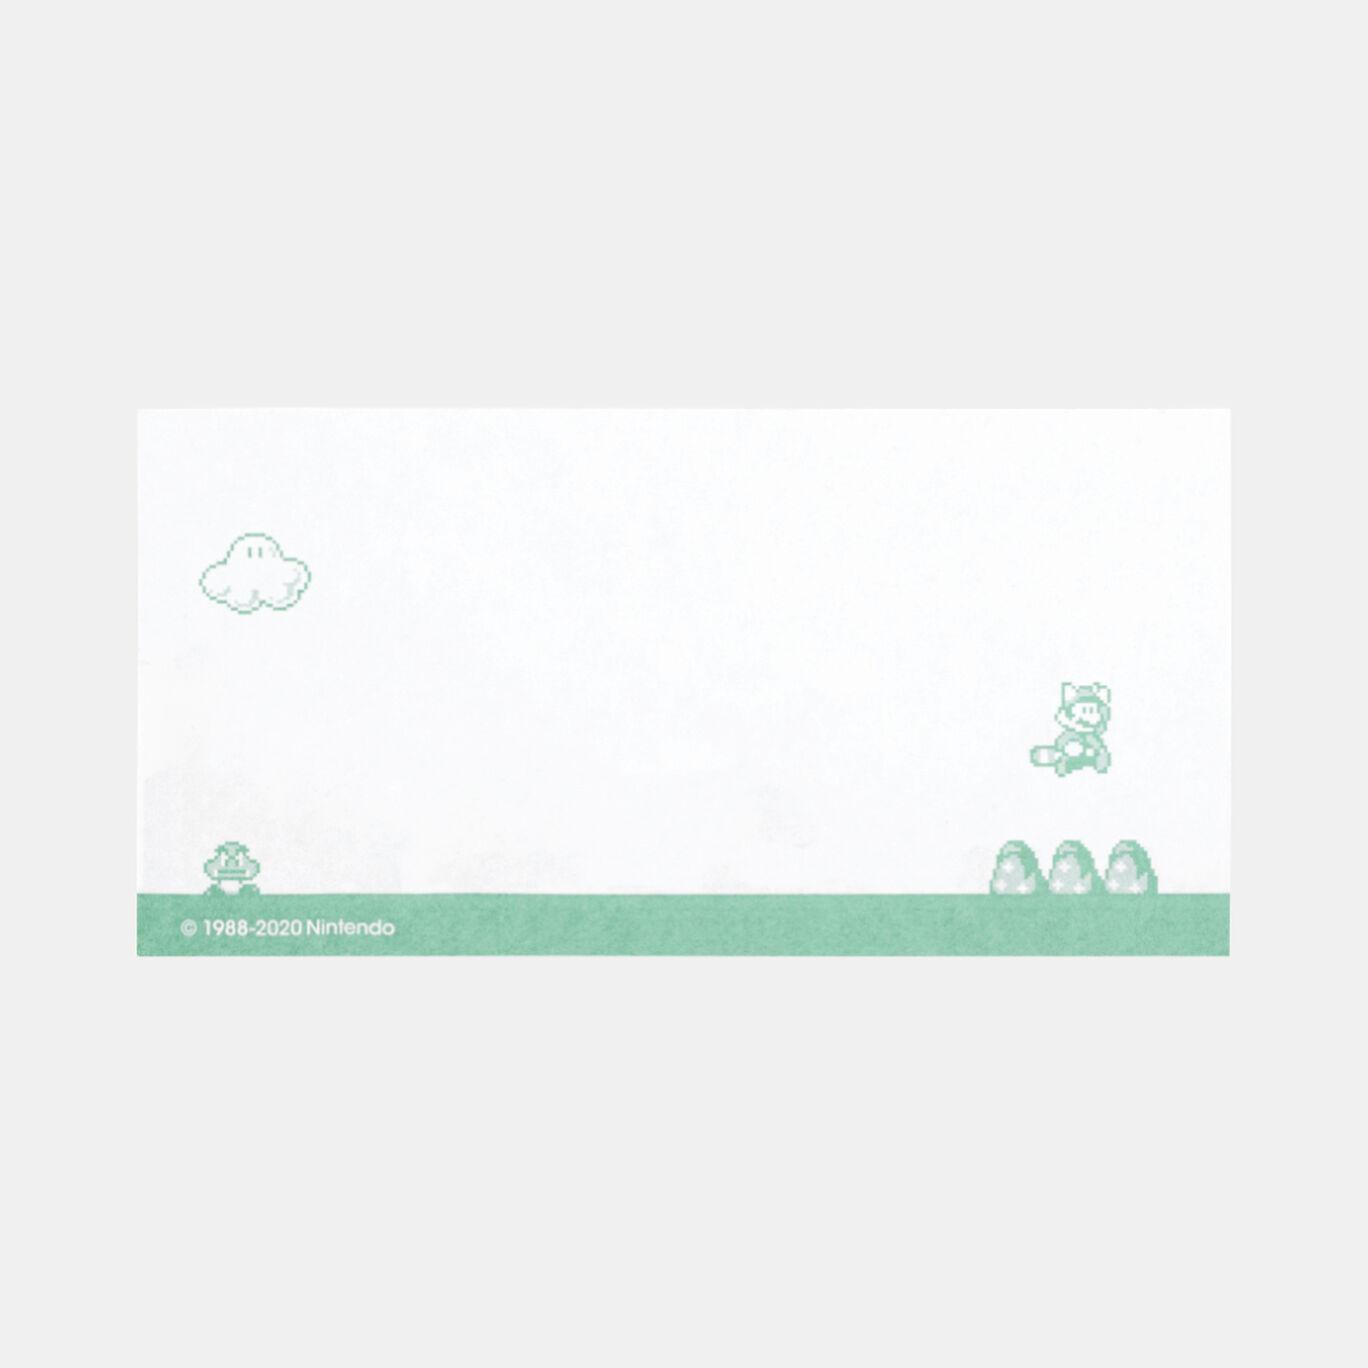 カセット型ケース付きメモ スーパーマリオブラザーズ3【Nintendo TOKYO取り扱い商品】